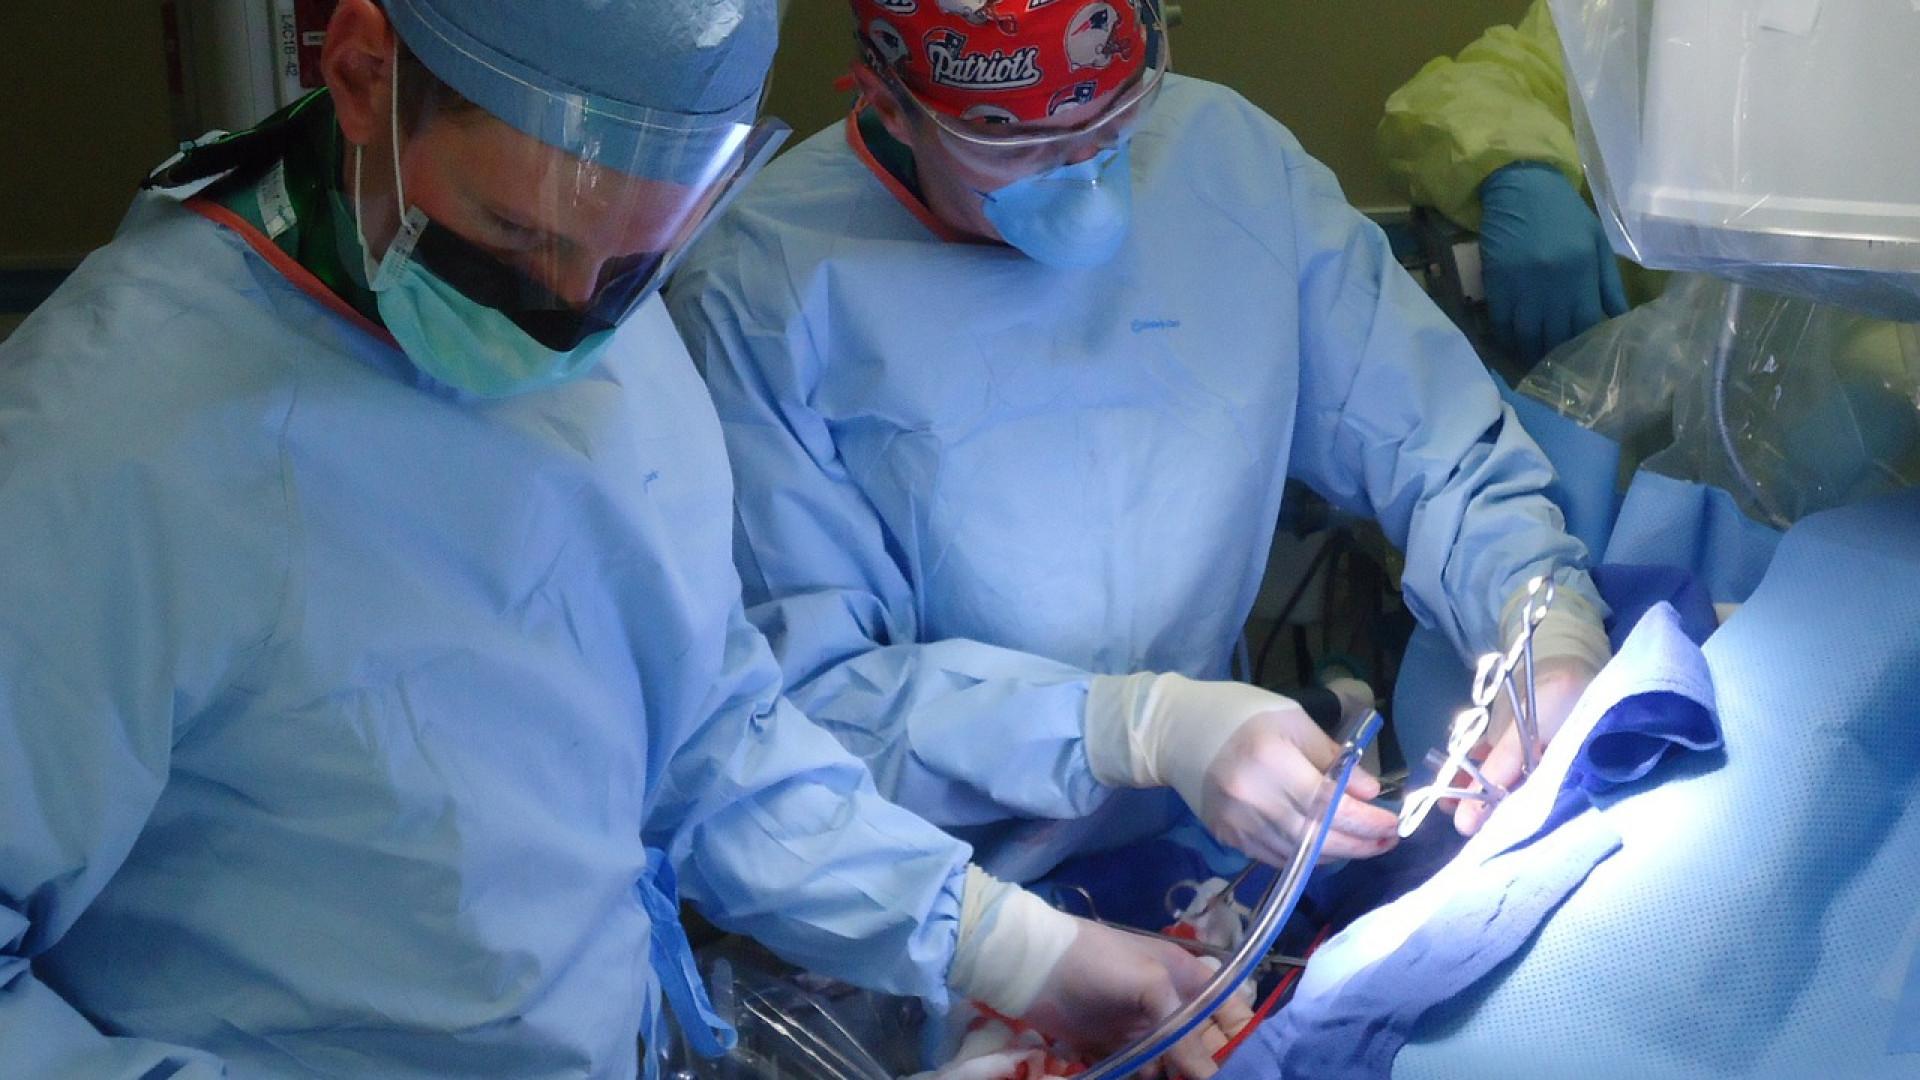 La chirurgie esthétique pour gommer certaines imperfections